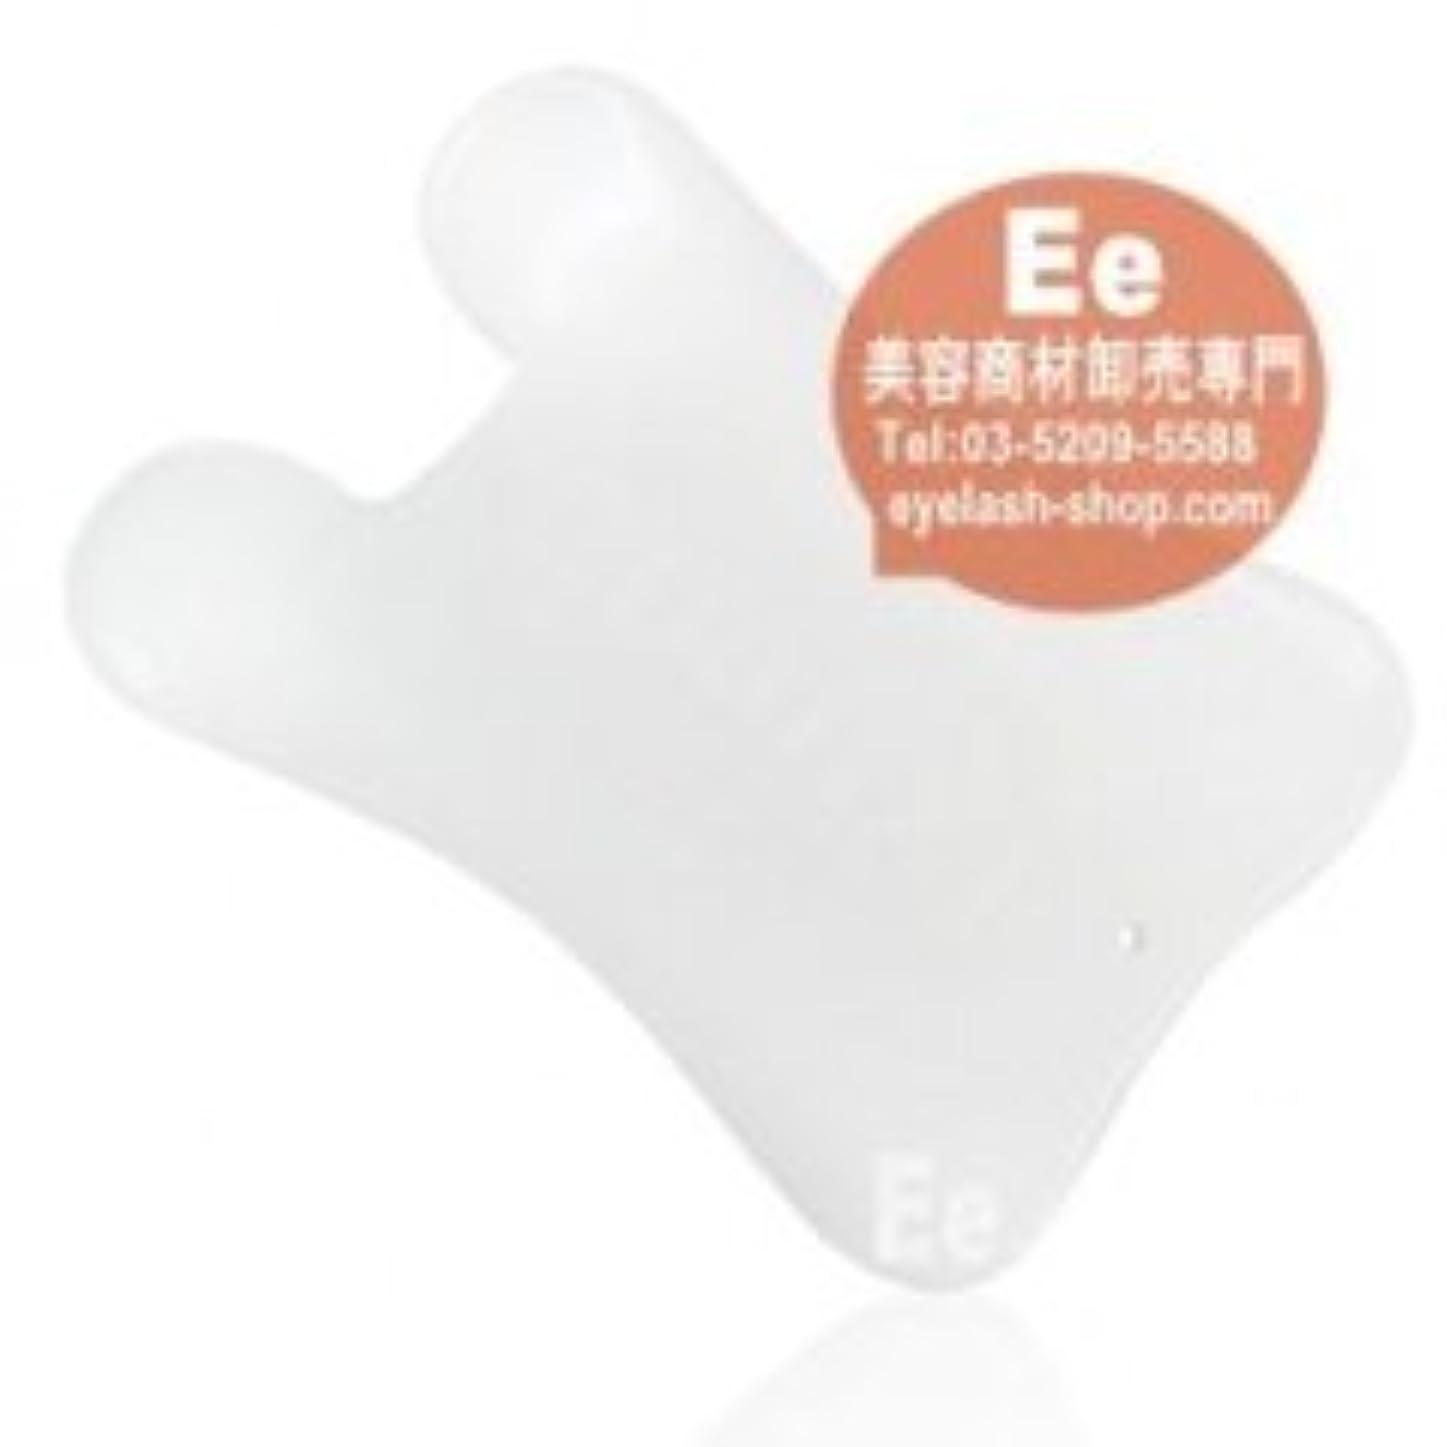 休眠感染するダニかっさ板 天然白玉ホワイトクォーツ美容カッサプレート GYB-1